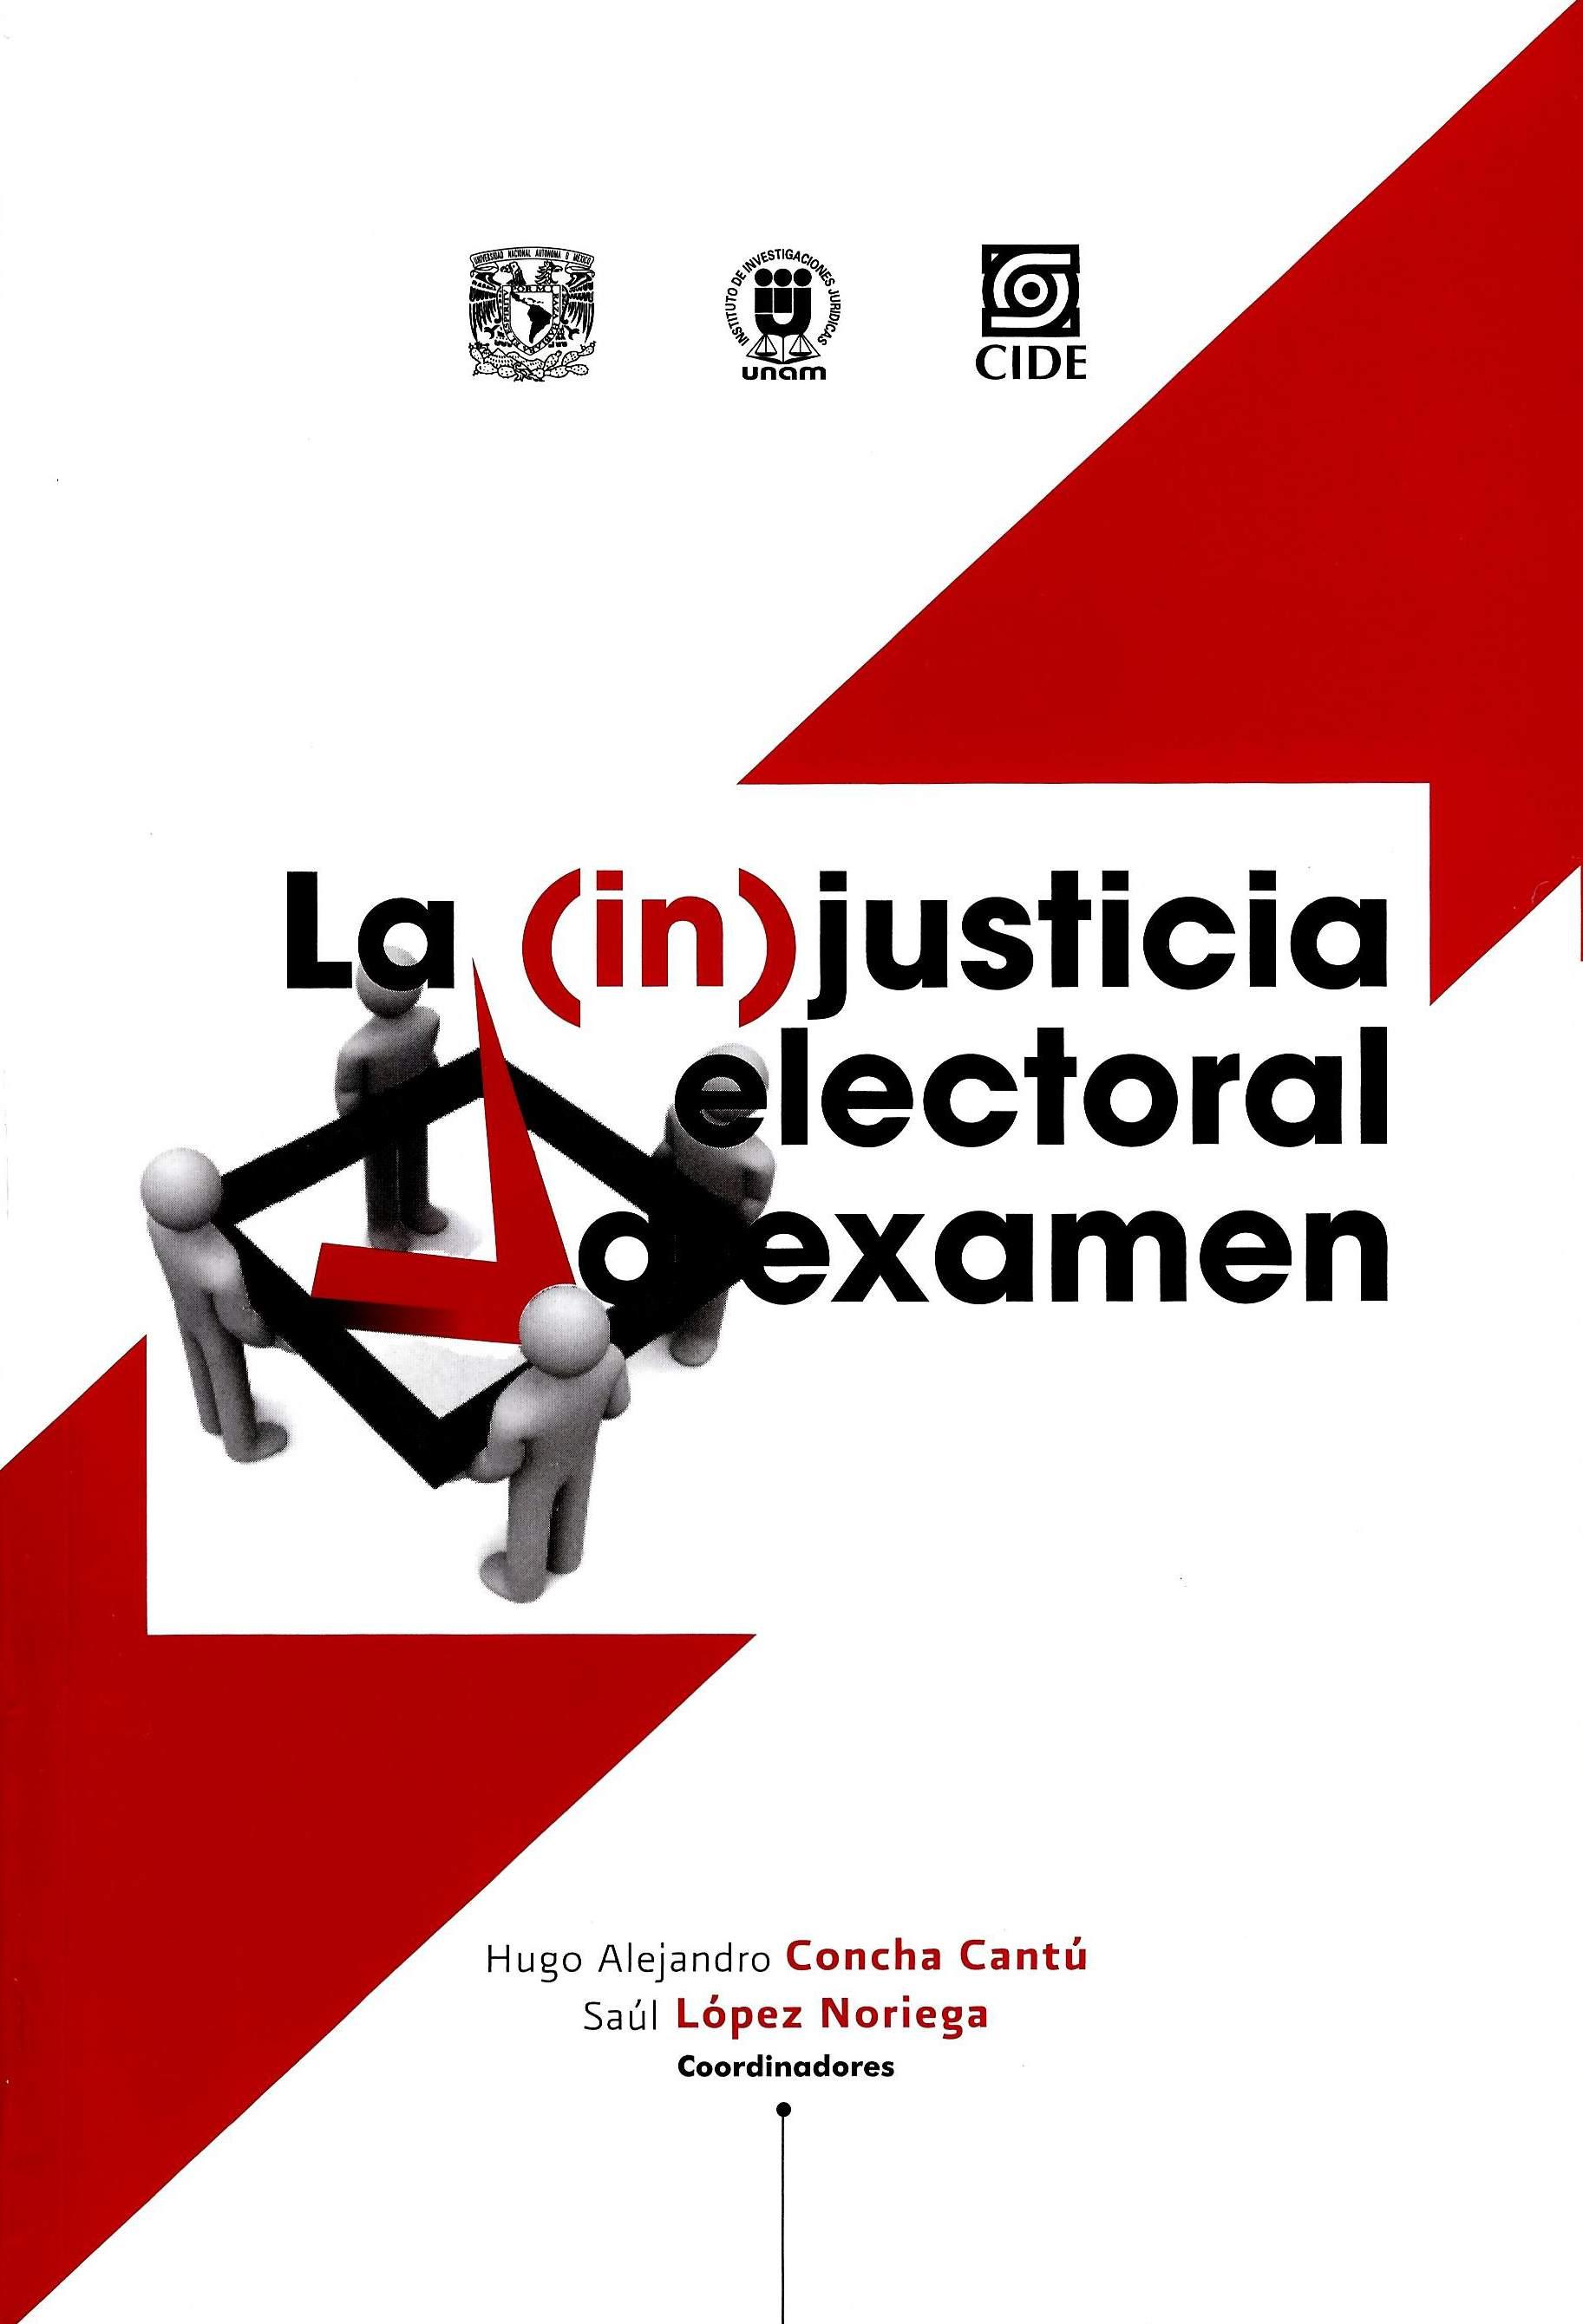 La (in)justicia electoral a examen